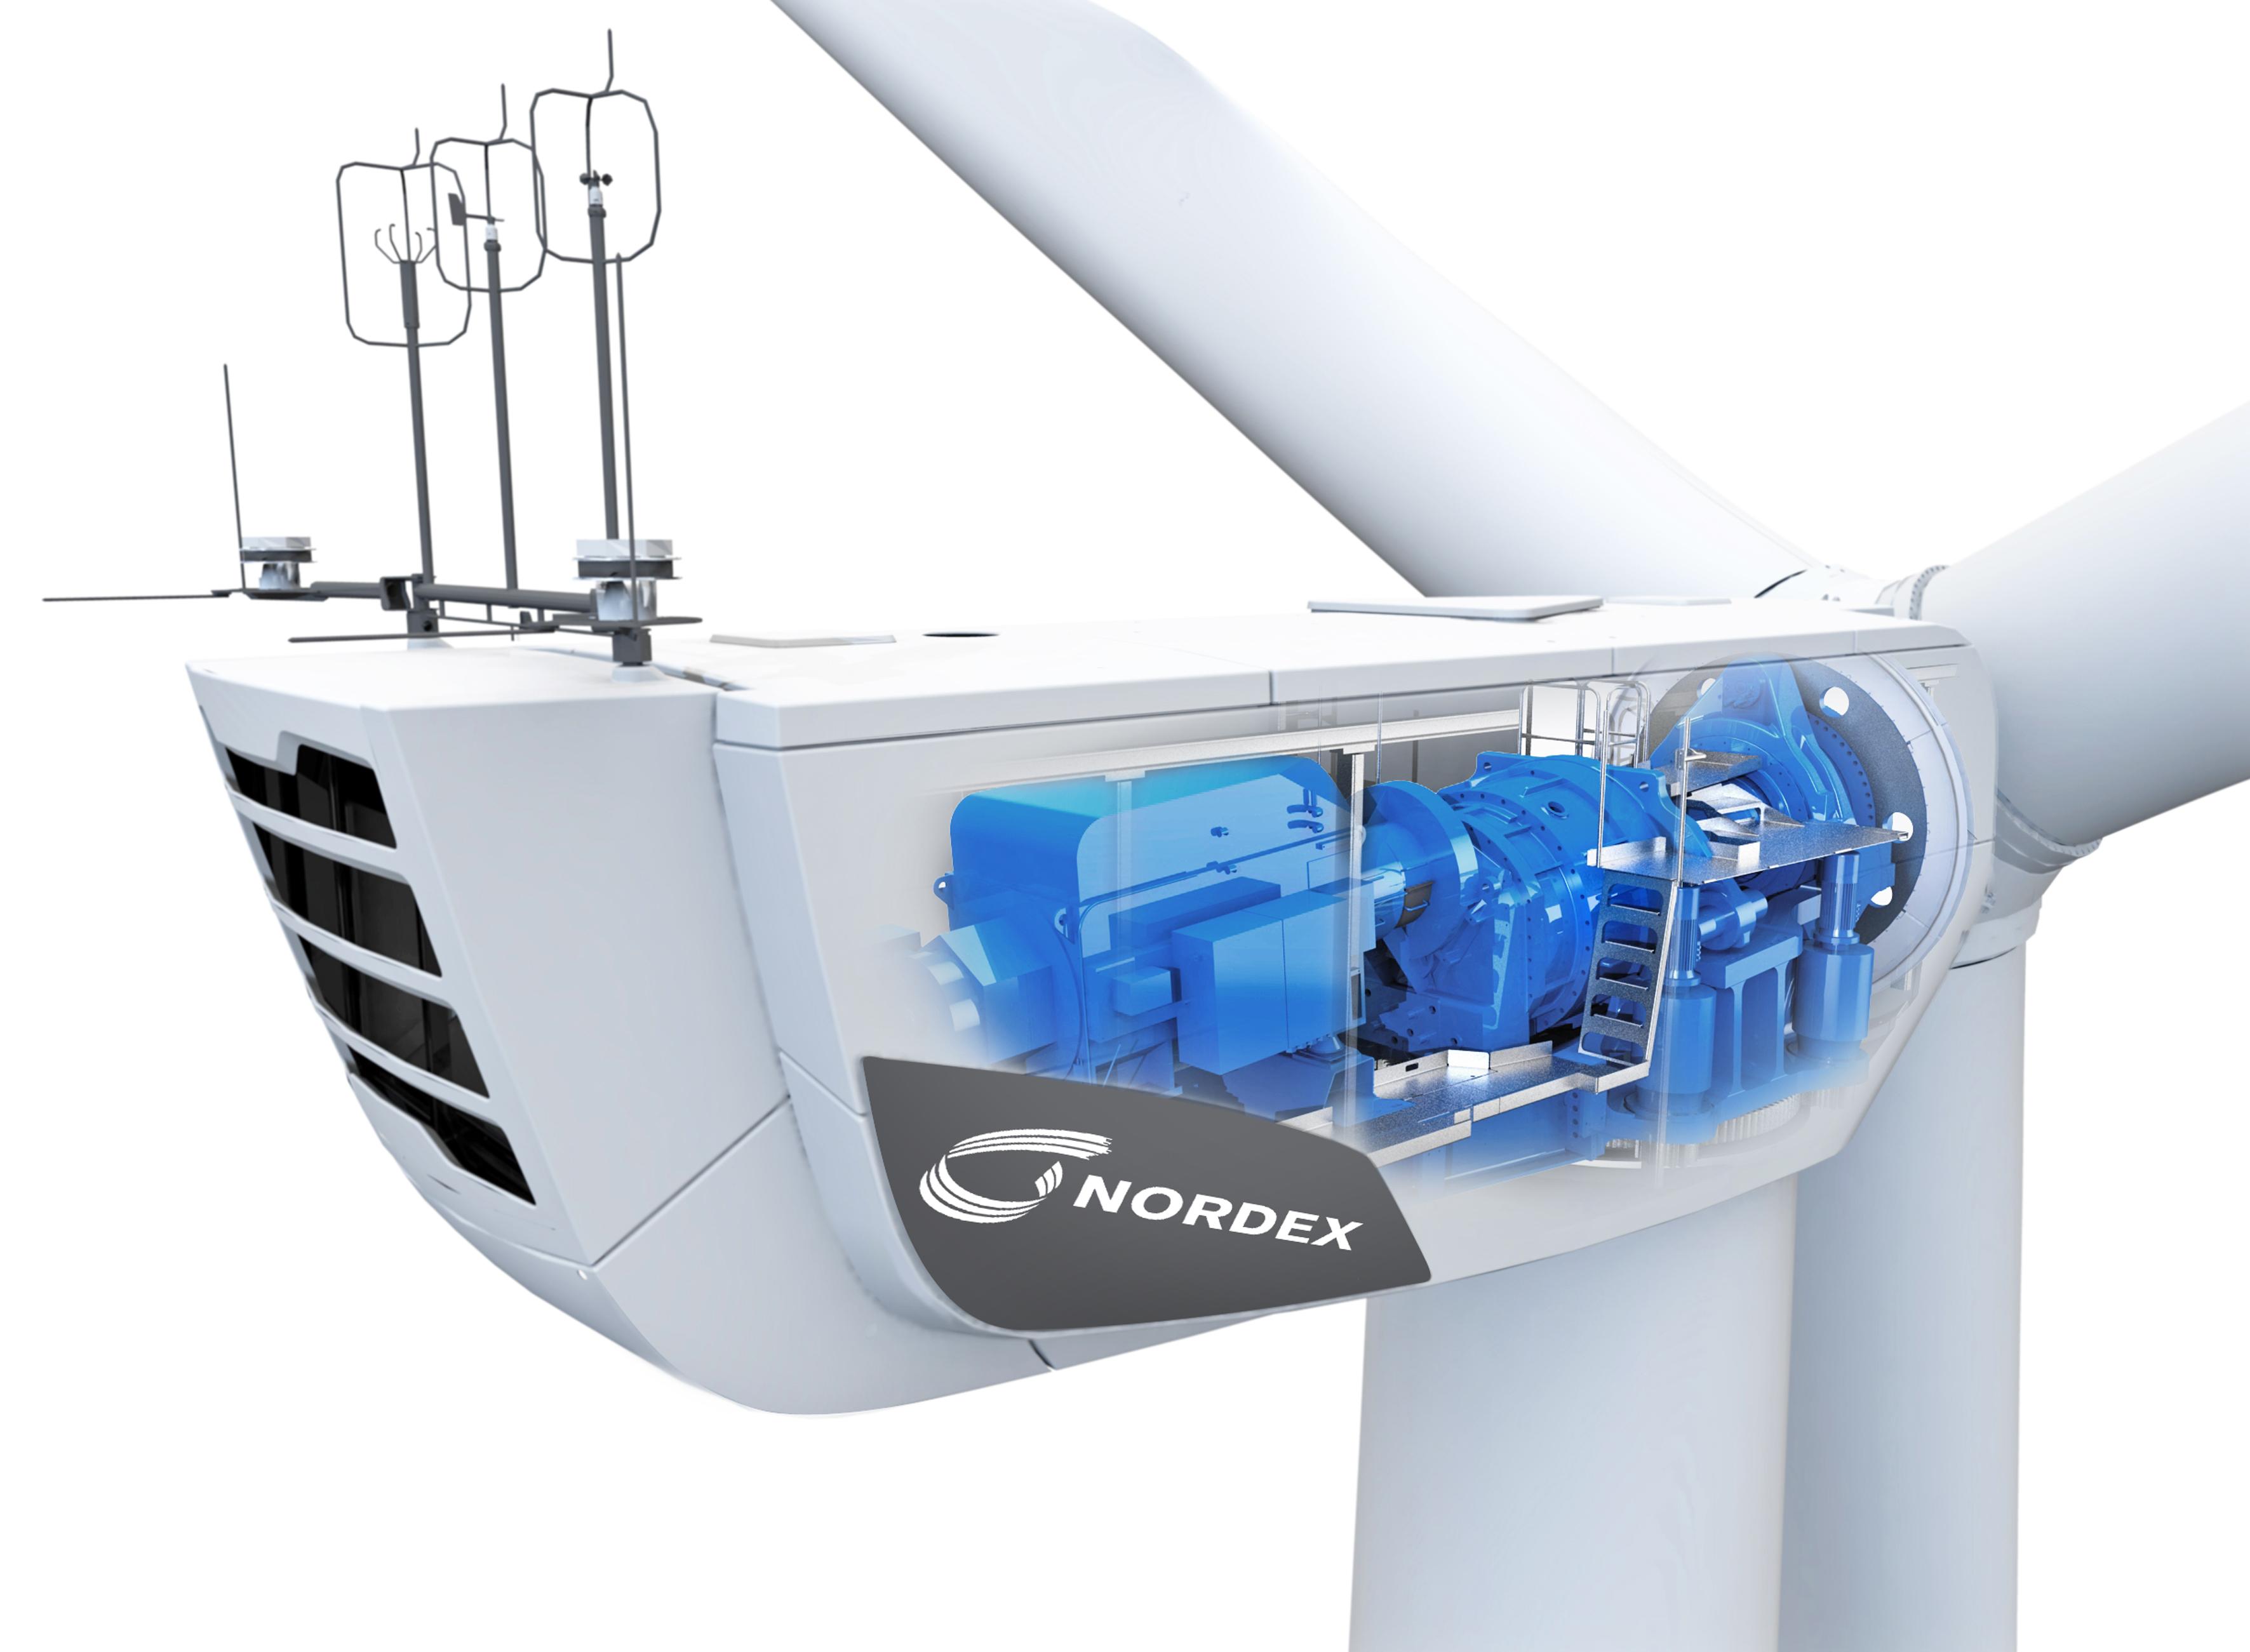 Eólica en Uruguay: Nordex vende 28 aerogeneradores para un parque eólico de UTE